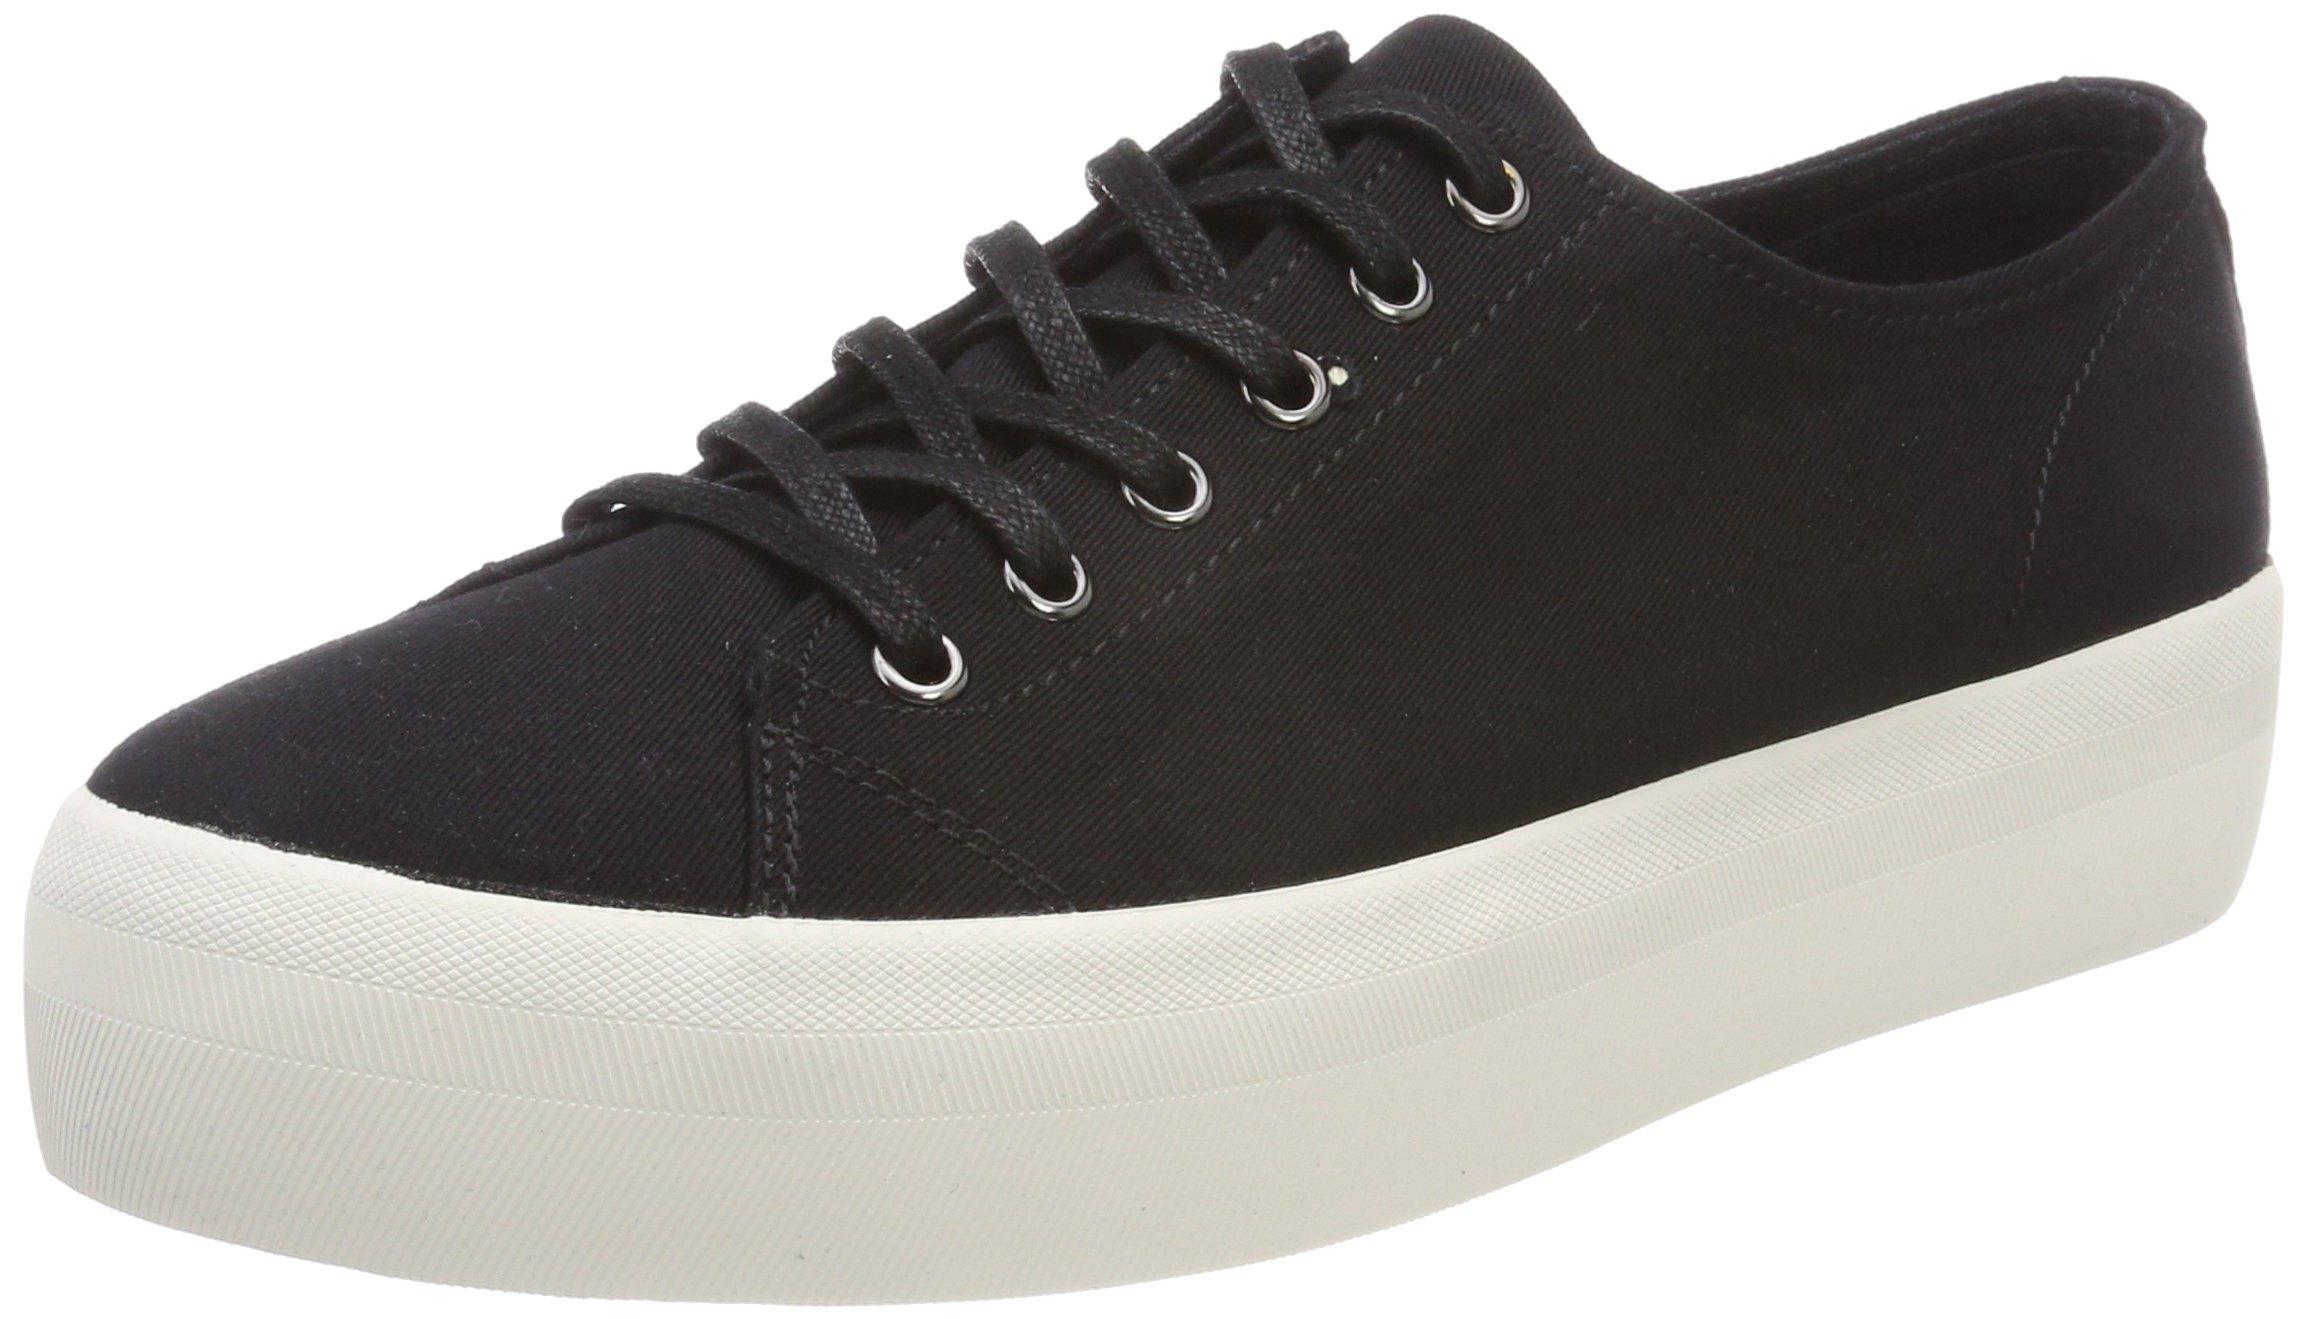 Femmeblack PeggySneakers Eu 2037 Basses Vagabond cKFJTl1